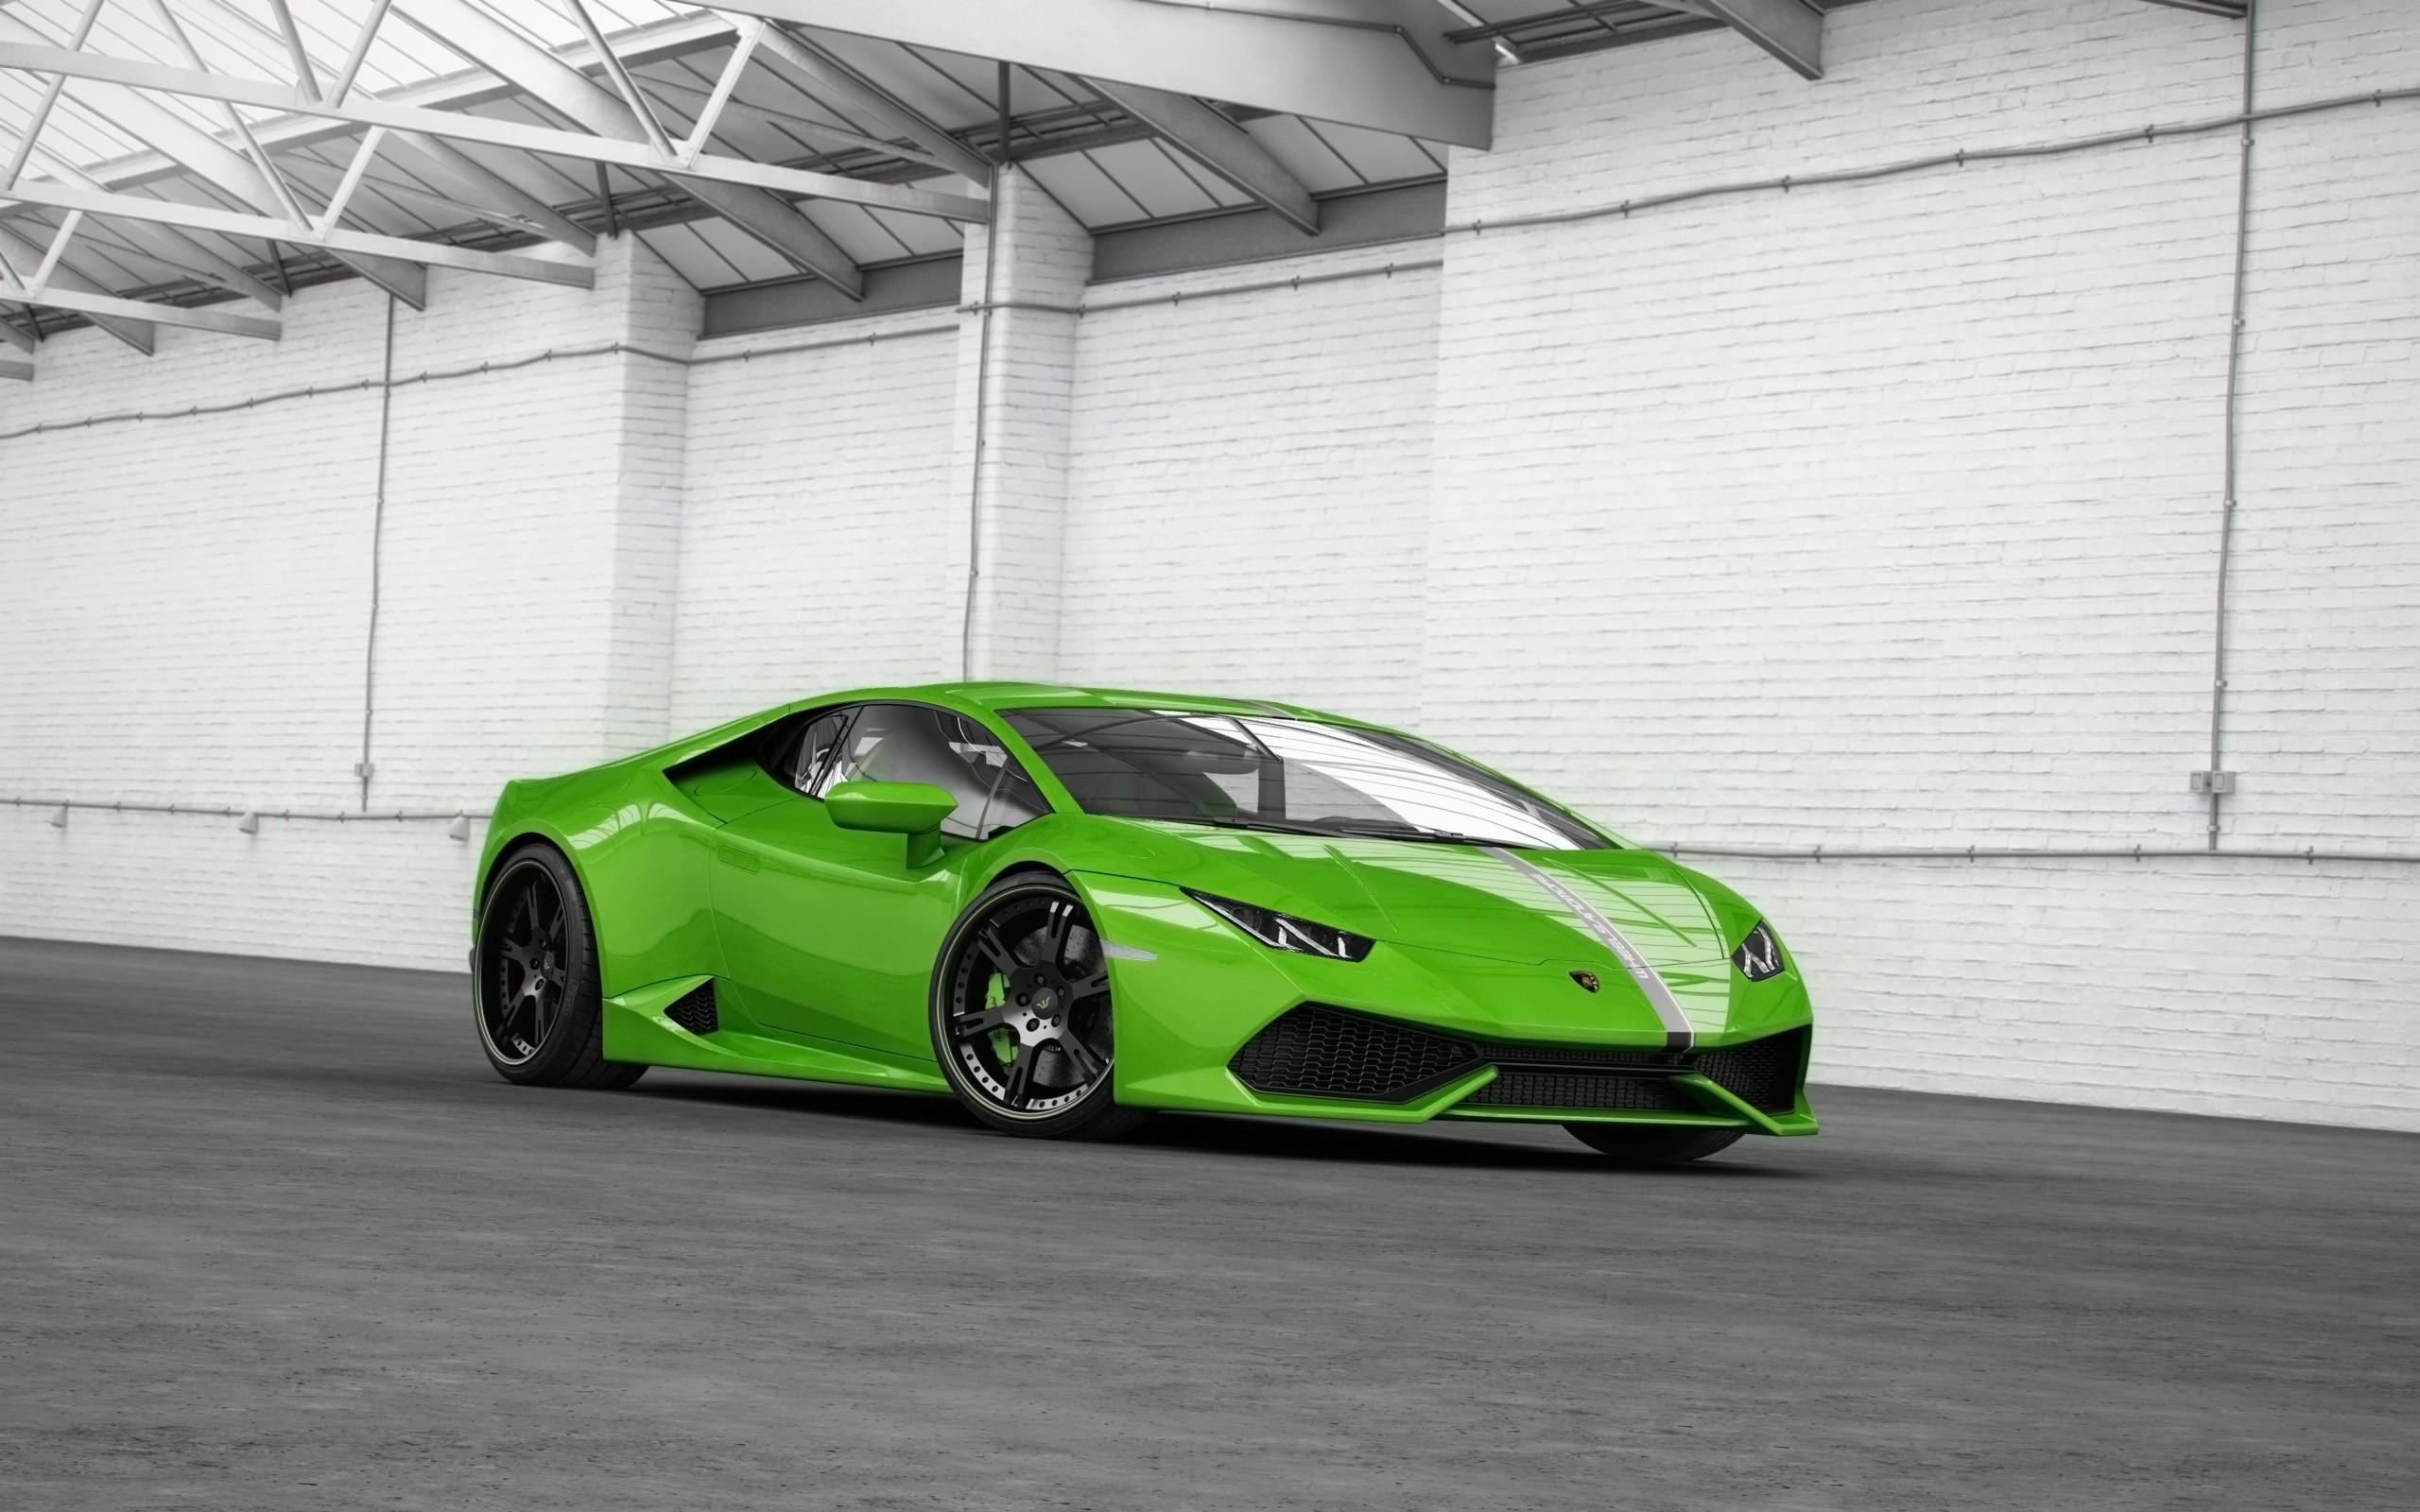 2015 Ares Design Lamborghini Huracan Wallpapers: 2015 Wheelsandmore Lamborghini Huracan Wallpaper